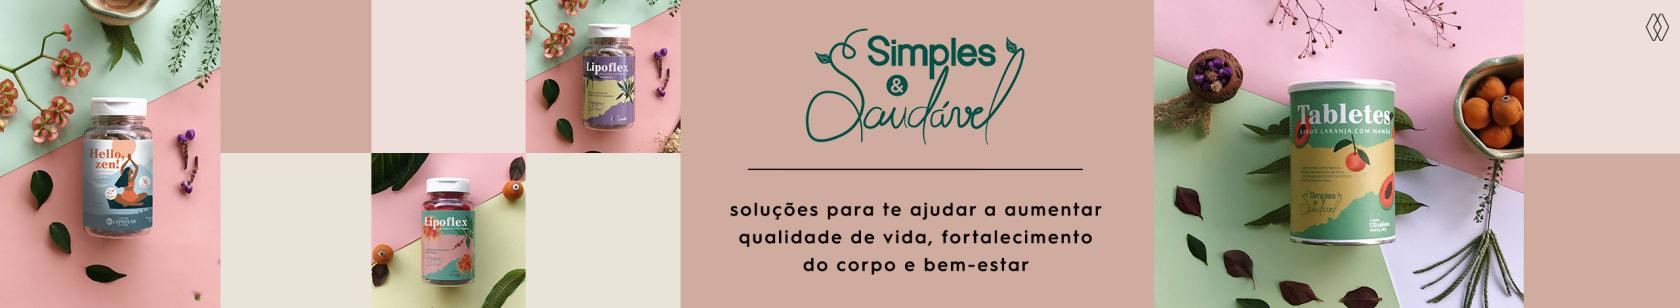 SIMPLES & SAUDÁVEL | AMARO